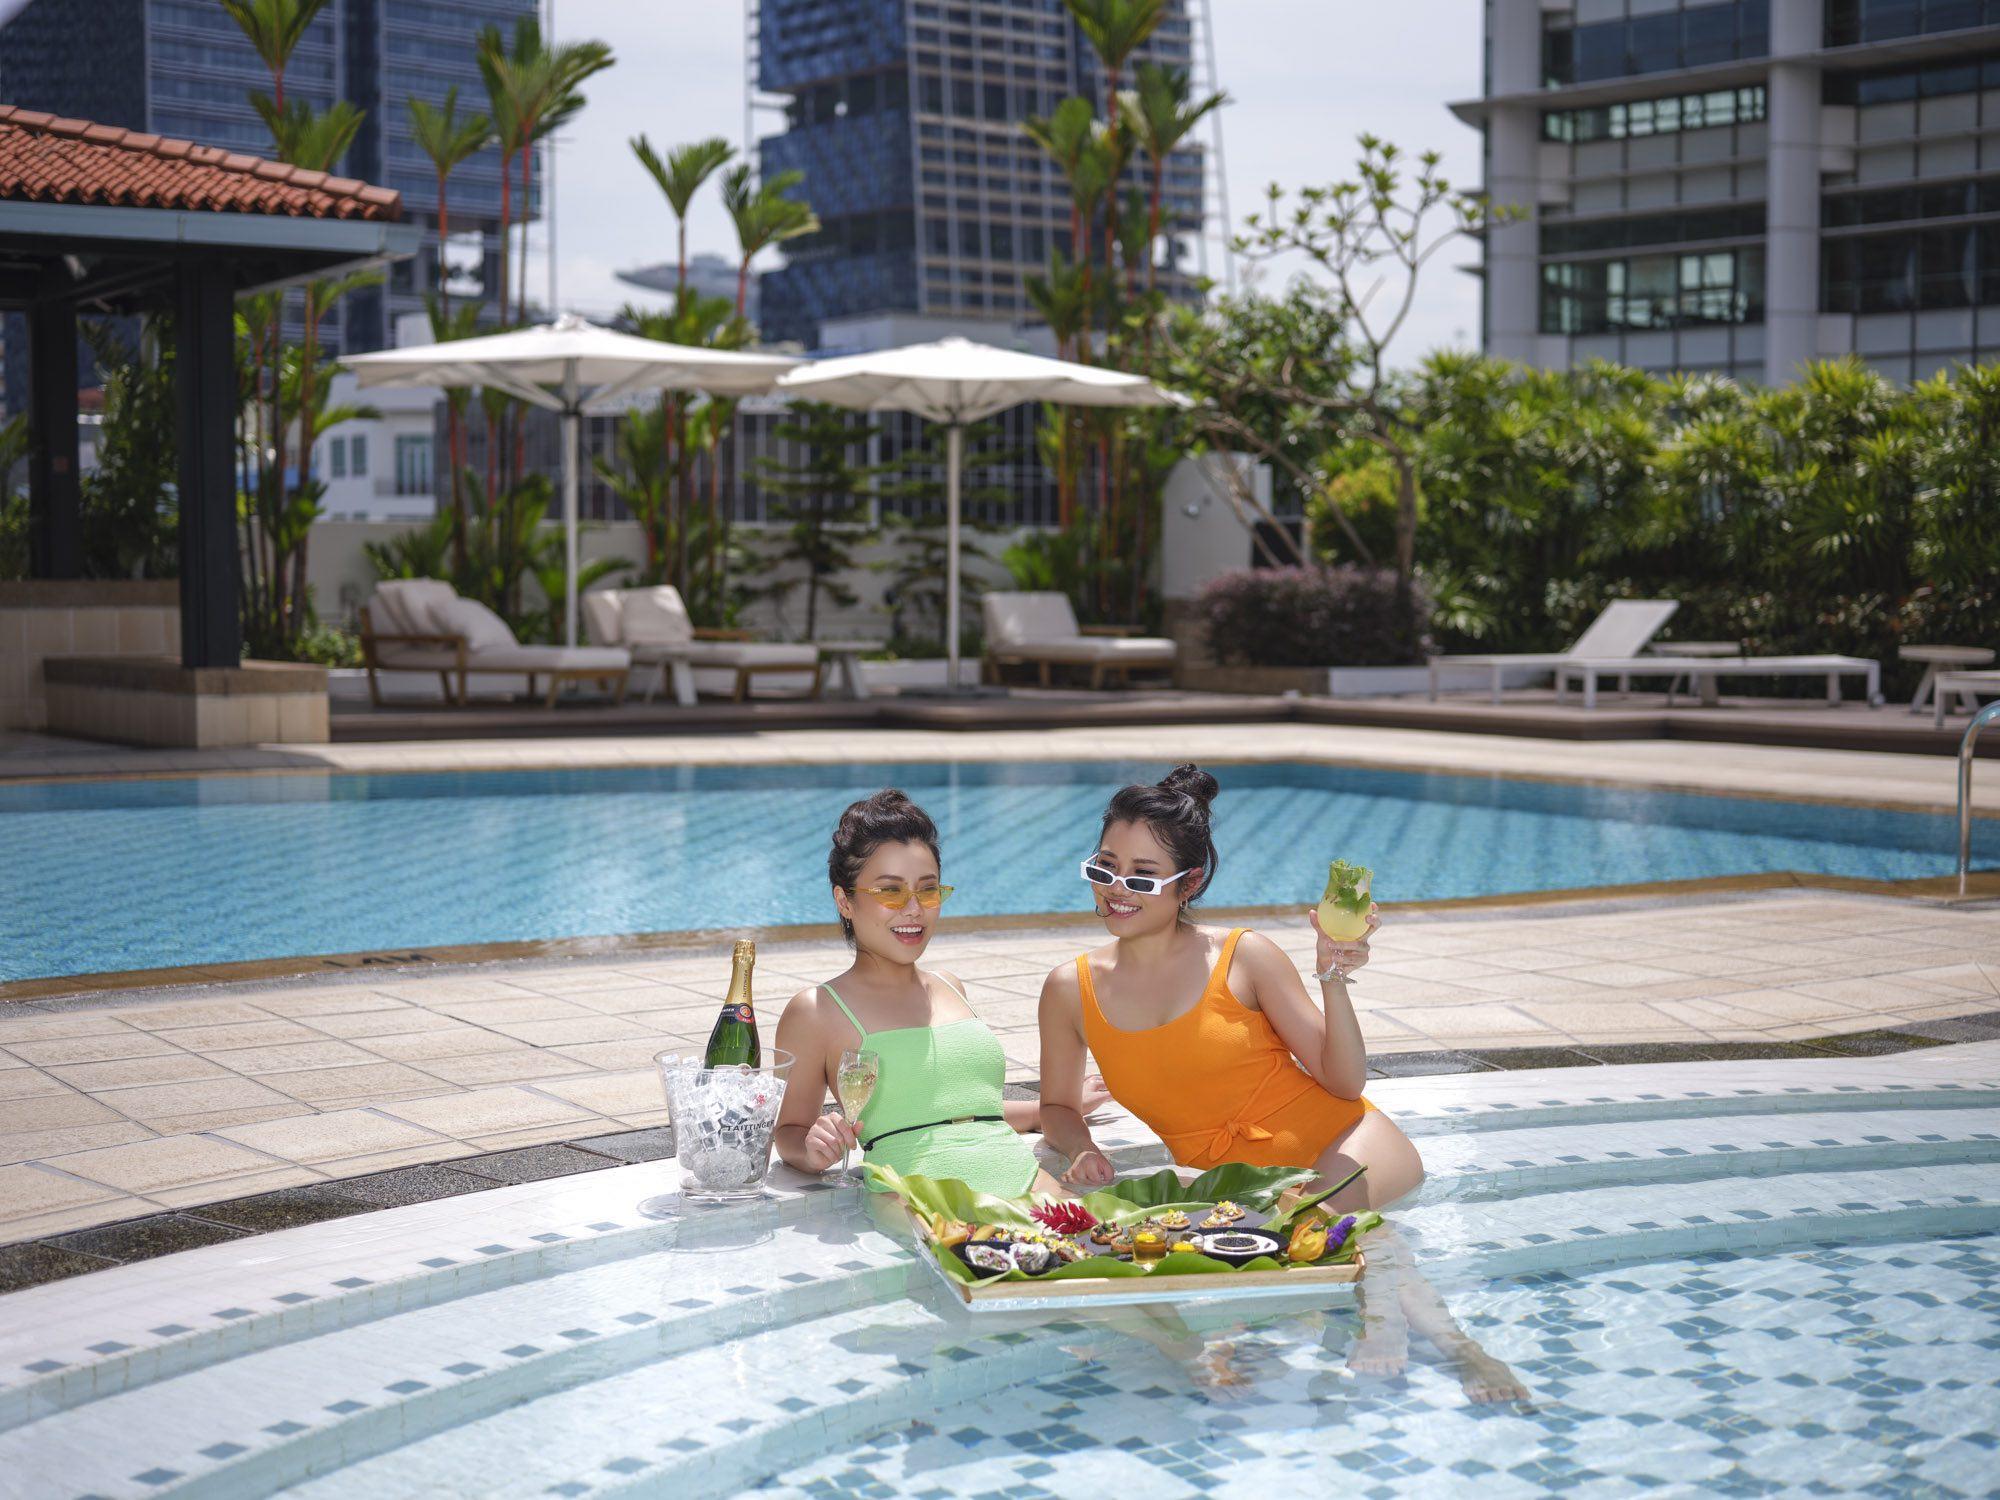 Intercontinental Singapore Hospitality Commercial Lifestyle Photoshoot Jose Jeuland 3